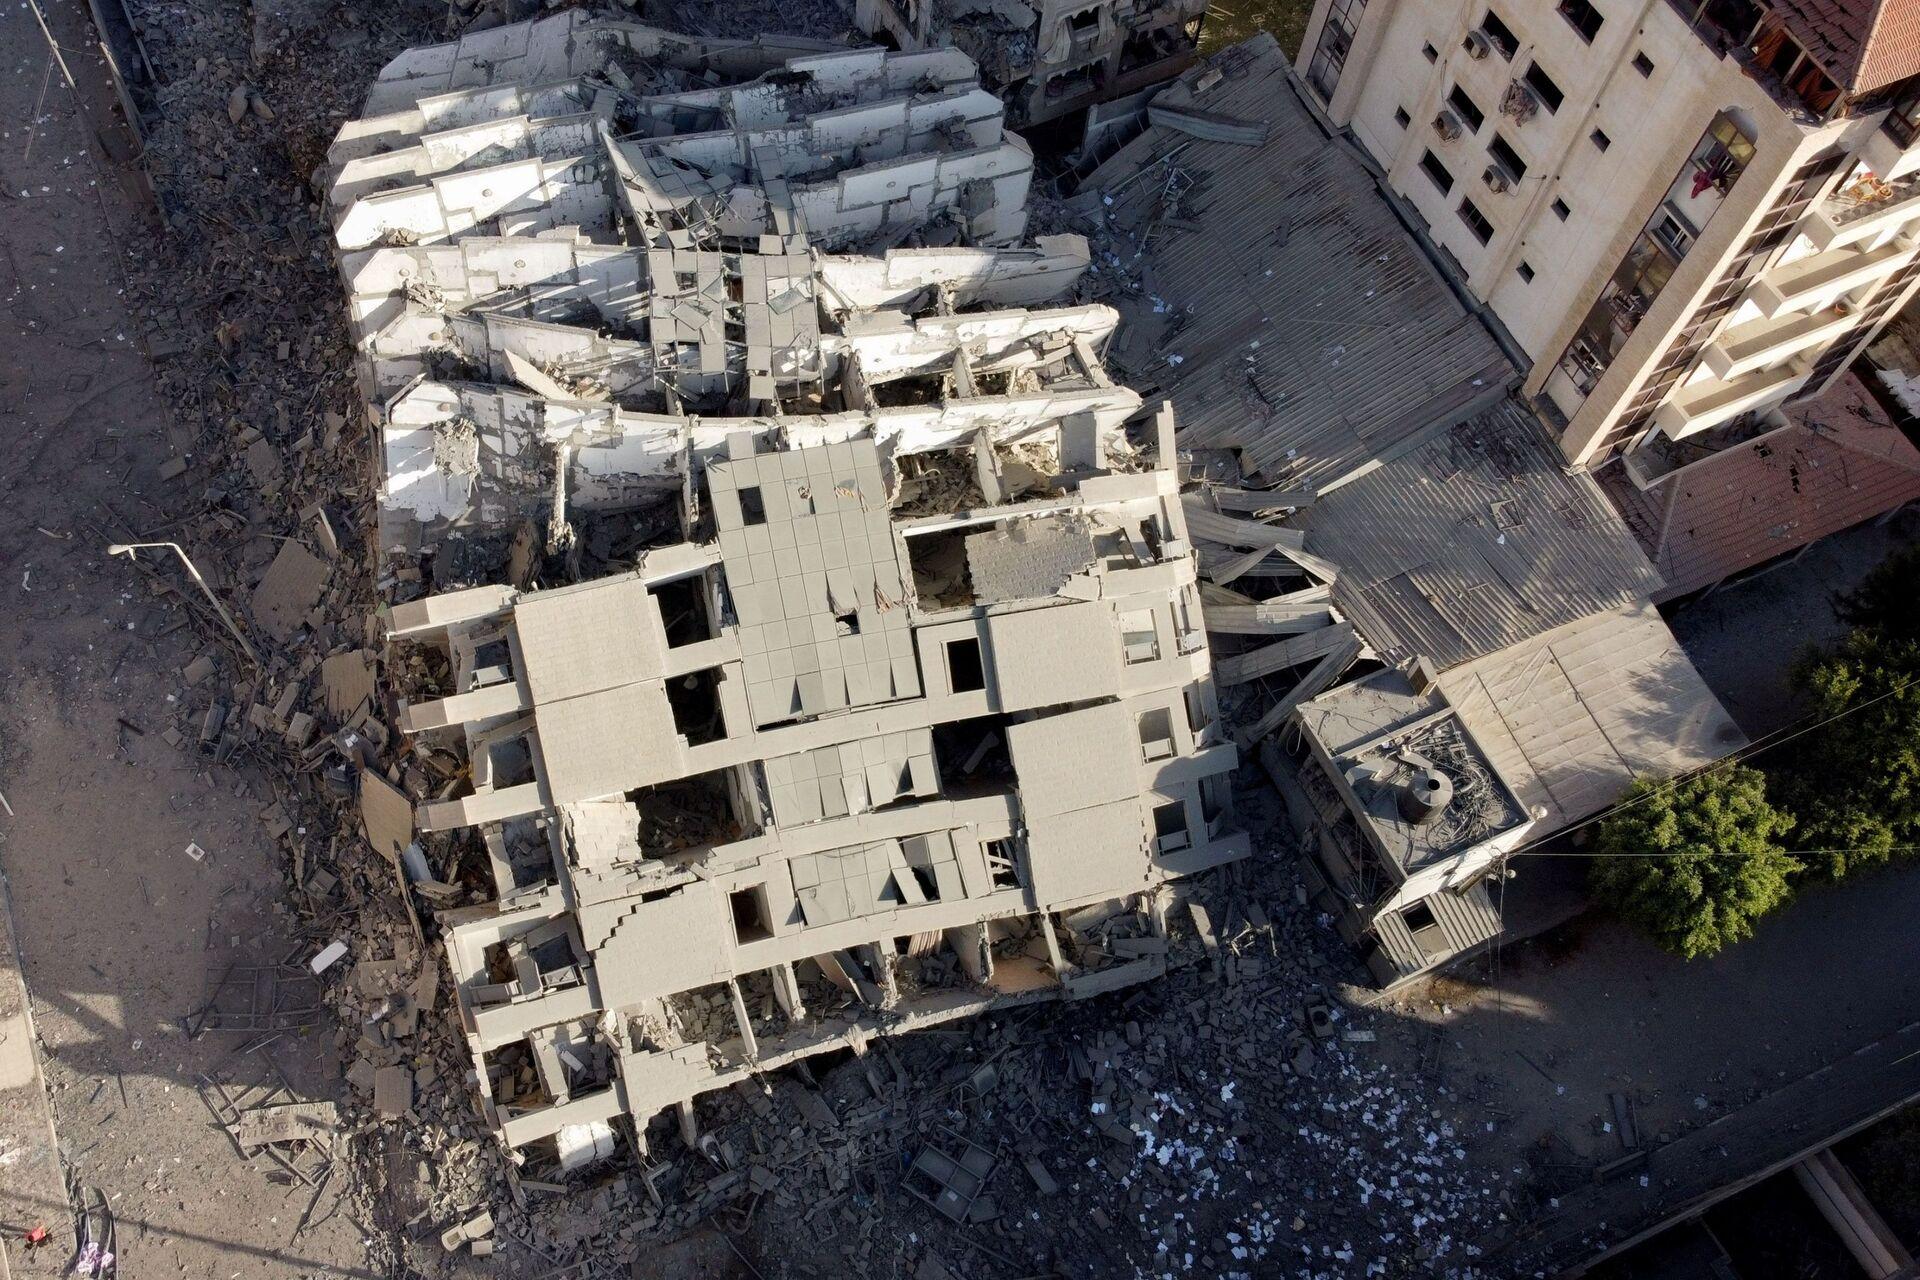 Rovine di un edificio nella striscia di Gaza colpito da Israele - Sputnik Italia, 1920, 18.05.2021